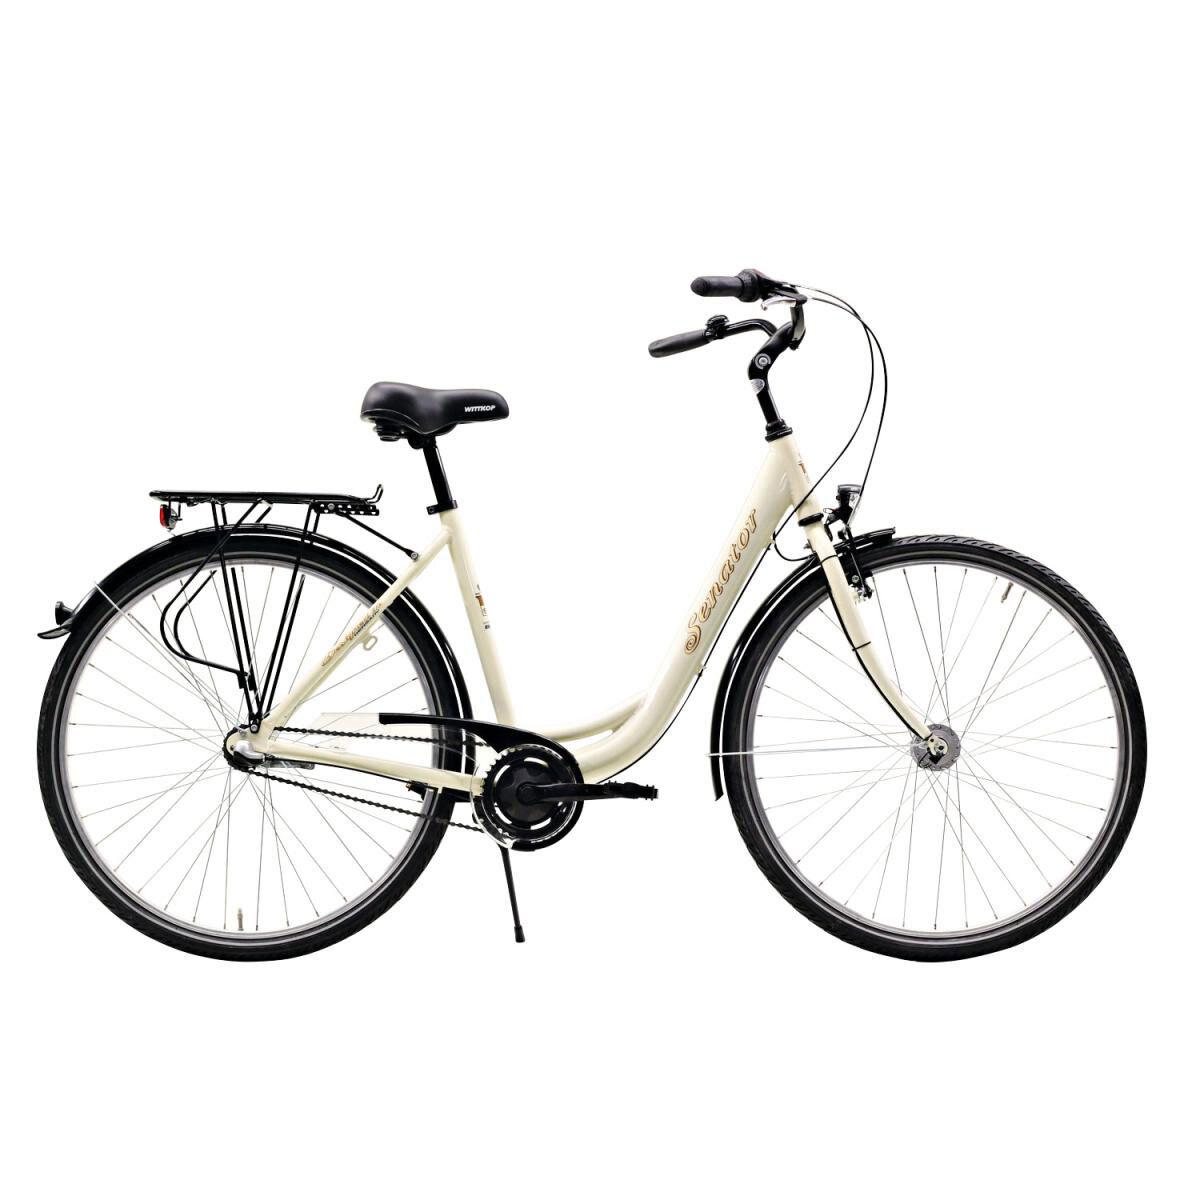 Bild 2 von Damen City-Fahrrad 28